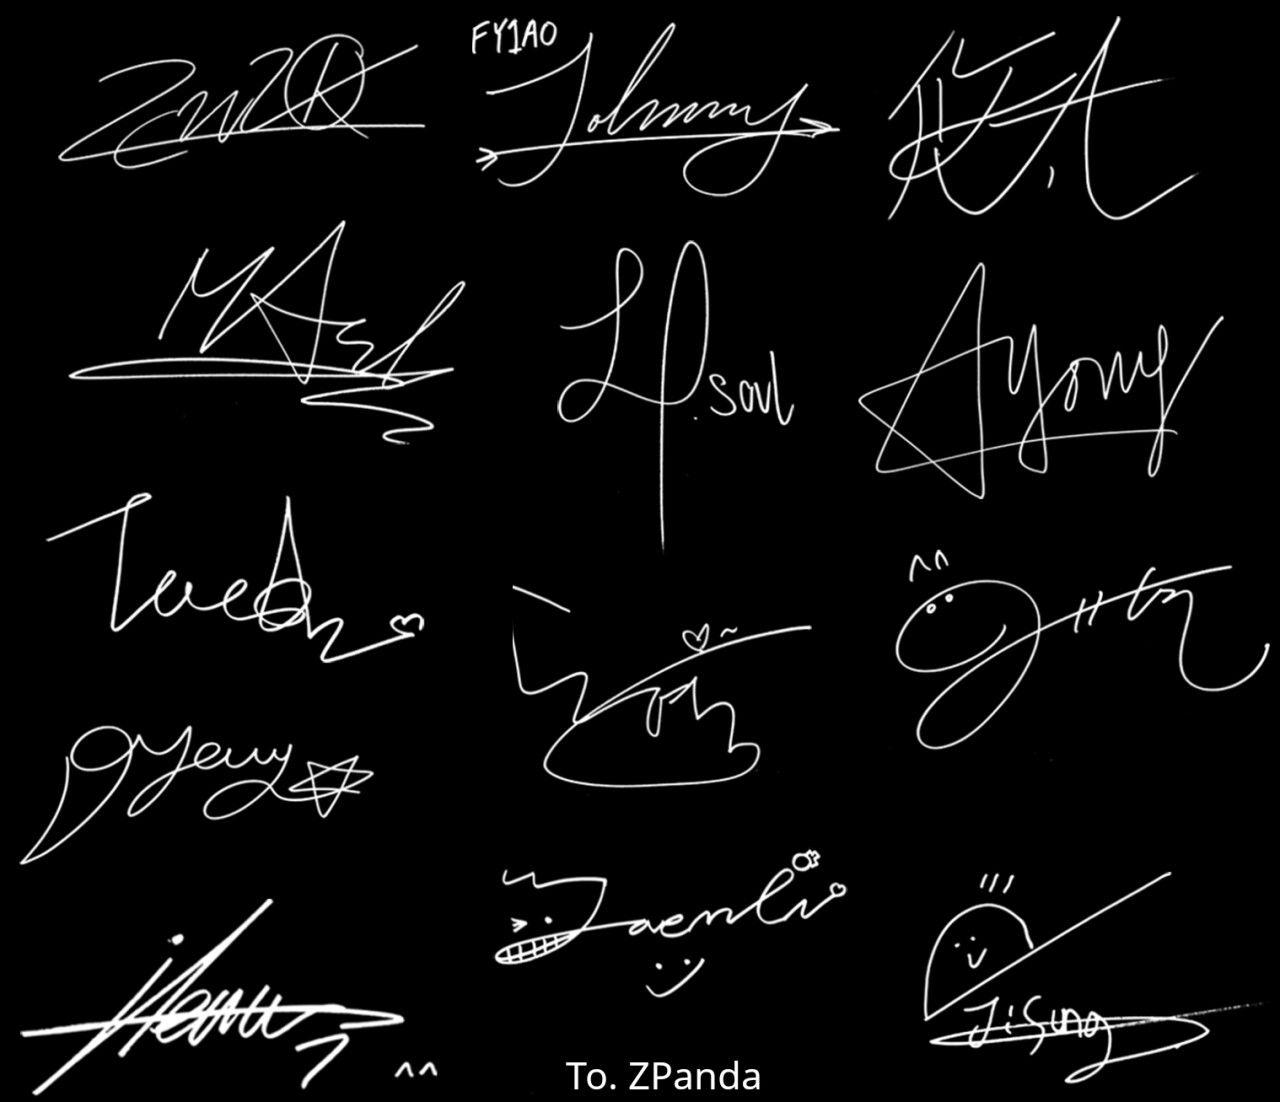 Nct S Autographs